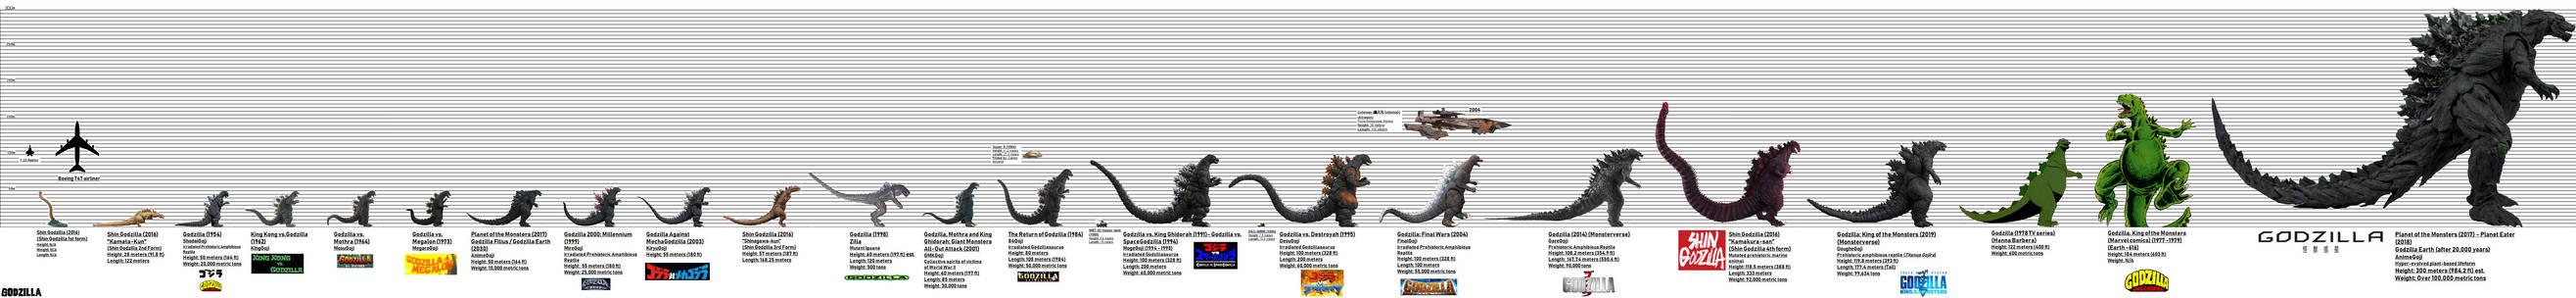 GODZILLA Evolutionary Size Chart